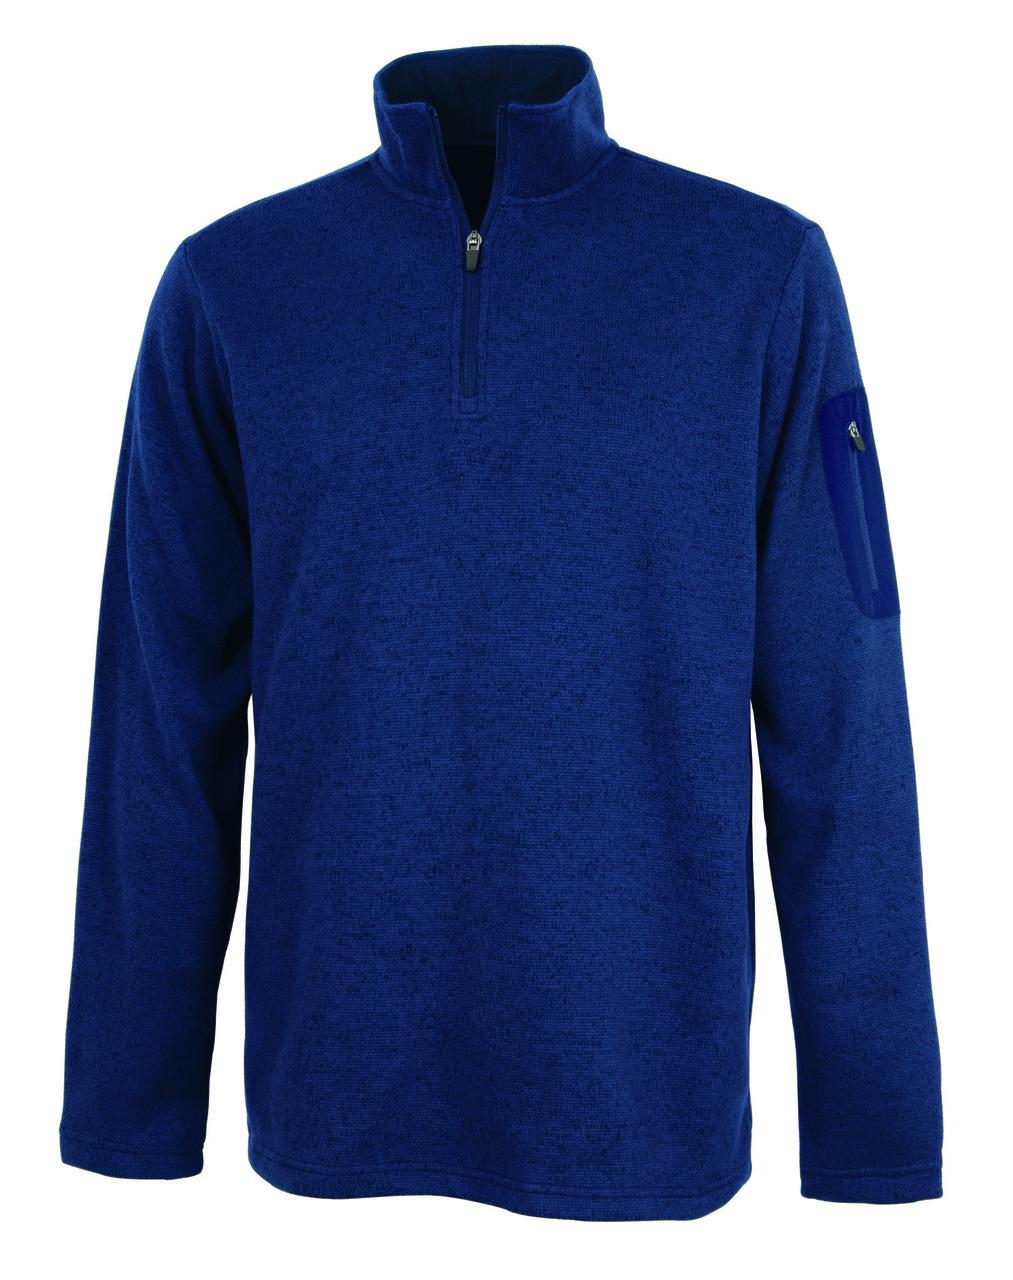 Charles River Apparel Men's Heathered 1/4 Zip Fleece